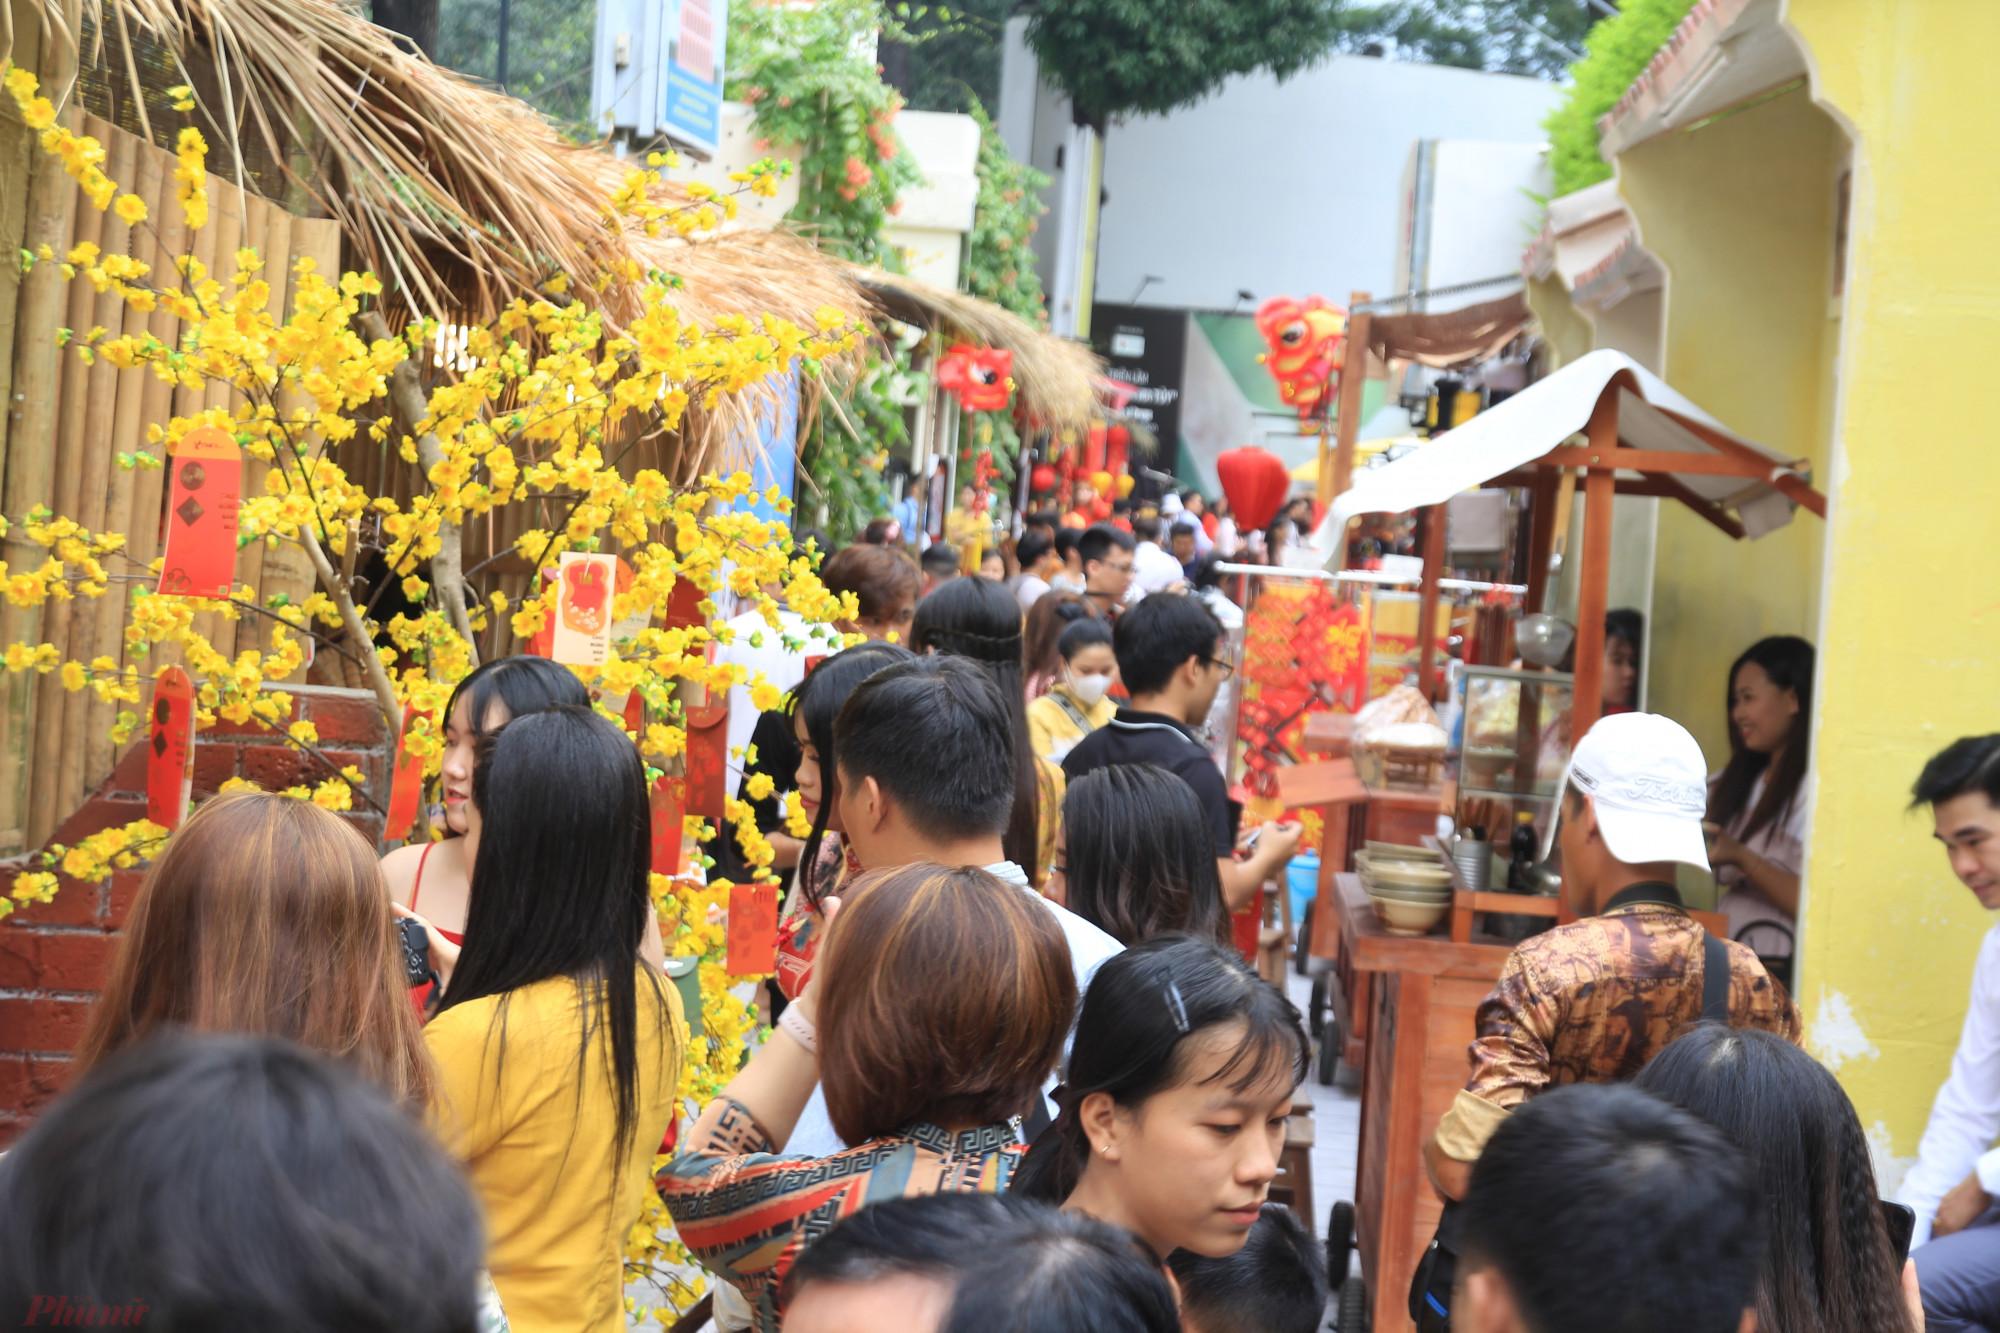 Tại khu vực xung quanh nhà văn hoá, được trang trí những gốc mai vải to, các tiểu cảnh độc đáo của các vùng miền tại Việt Nam thu hút đông đảo người đến tham quan, chụp ảnh đặc biệt là các dịch vụ